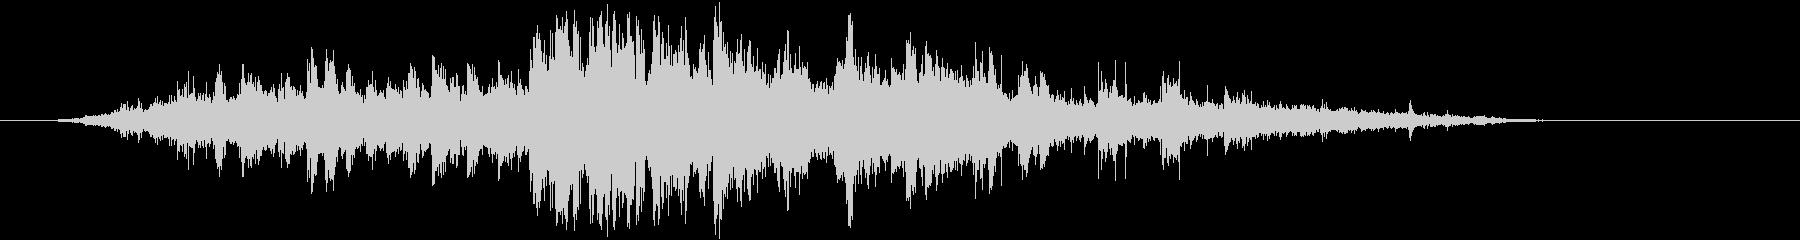 エルロシオカスカベレスカレタの未再生の波形